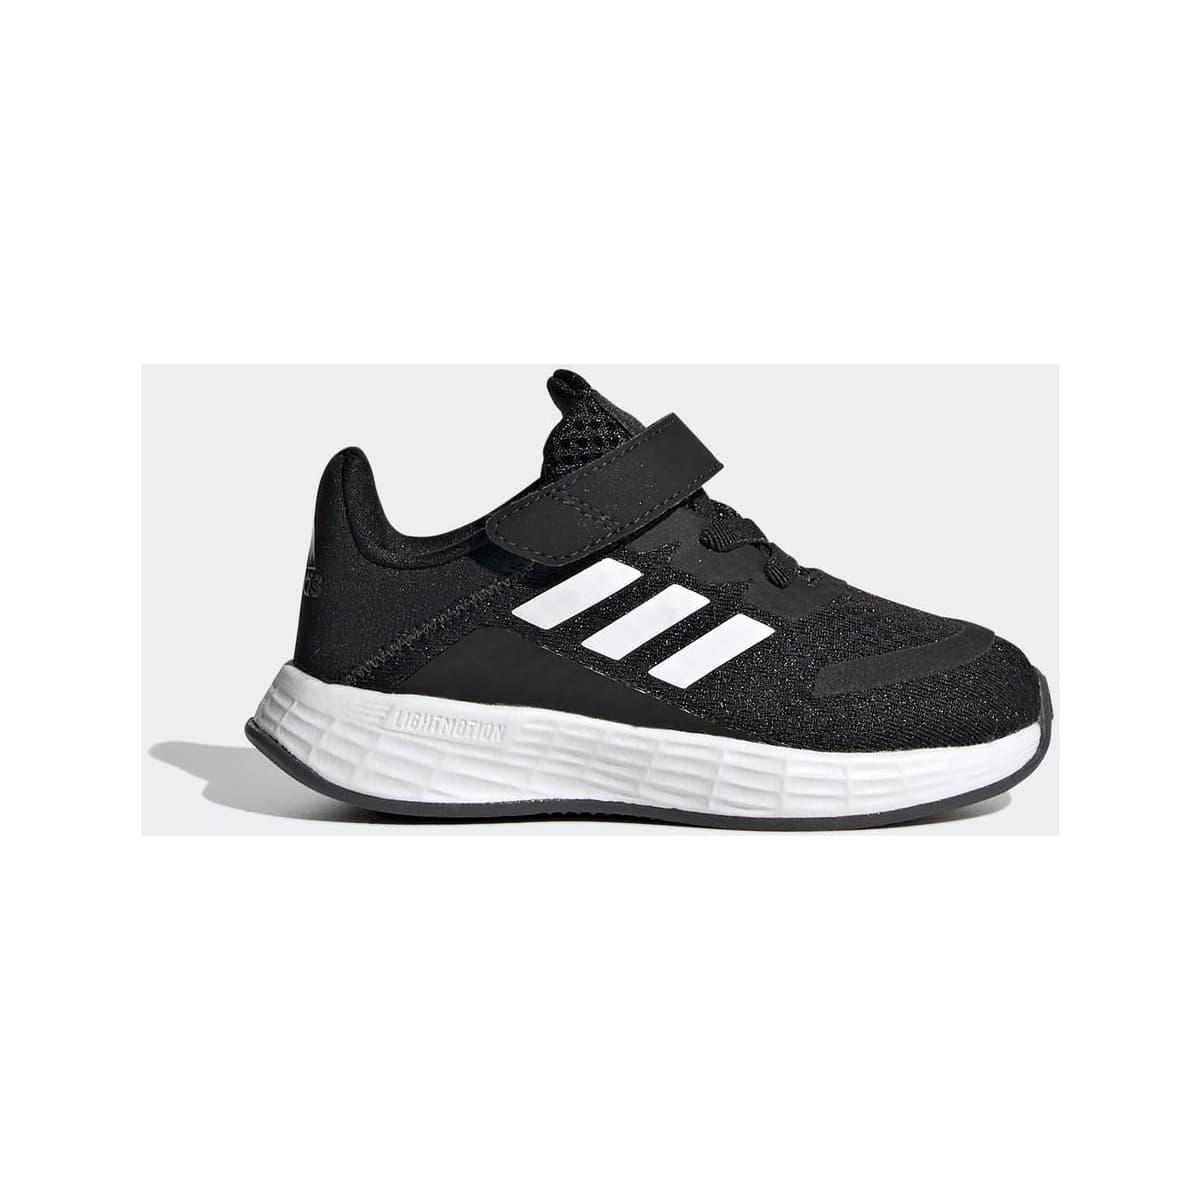 Duramo SL Çocuk Siyah Spor Ayakkabı (FX7320)